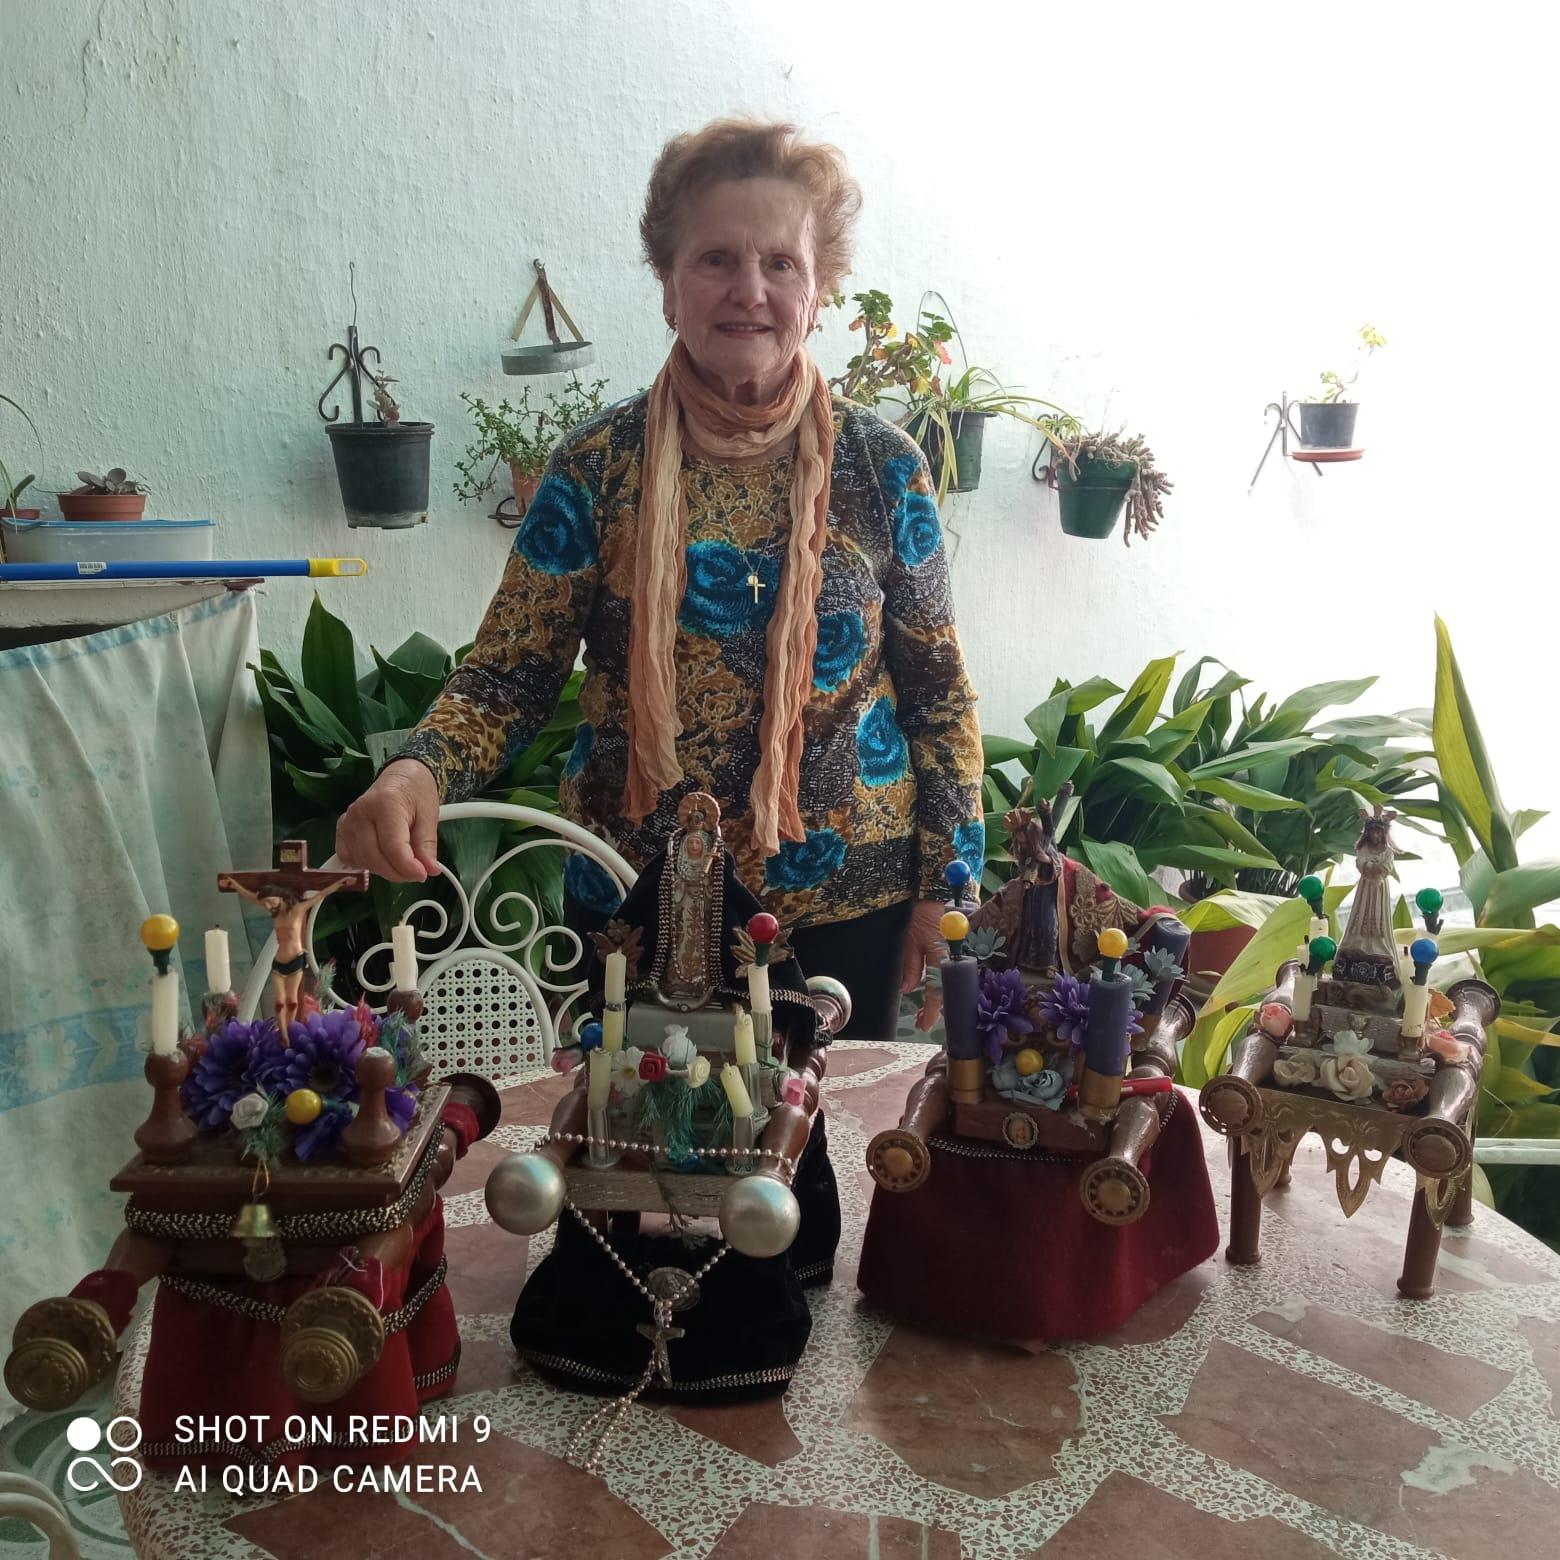 Mayores de Huétor Tájar fabrican pasos de Semana Santa con materiales reciclados que encuentran en casa